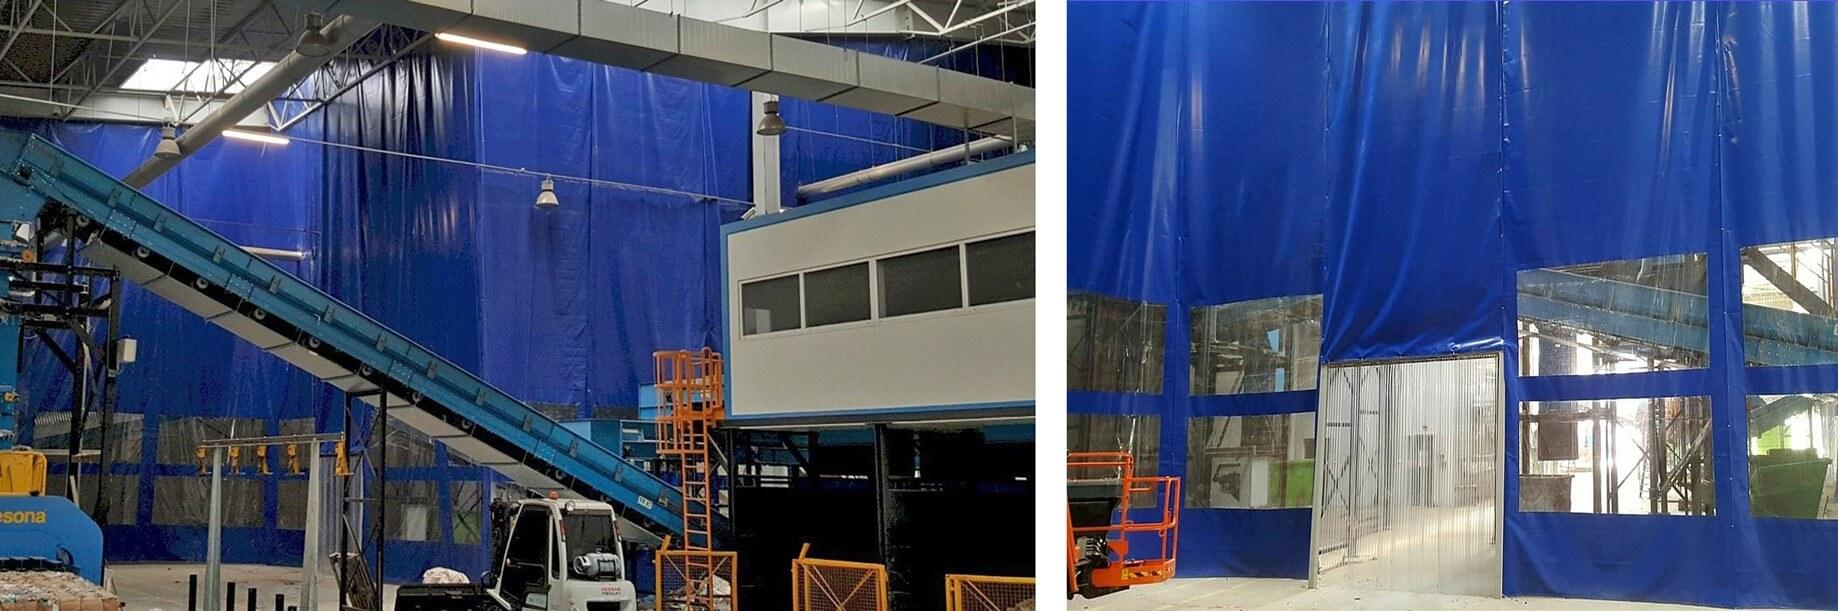 Kotary plandekowe do oddzielania pomieszczeń - na zdjęciu w kolorze niebieskim, z oknami